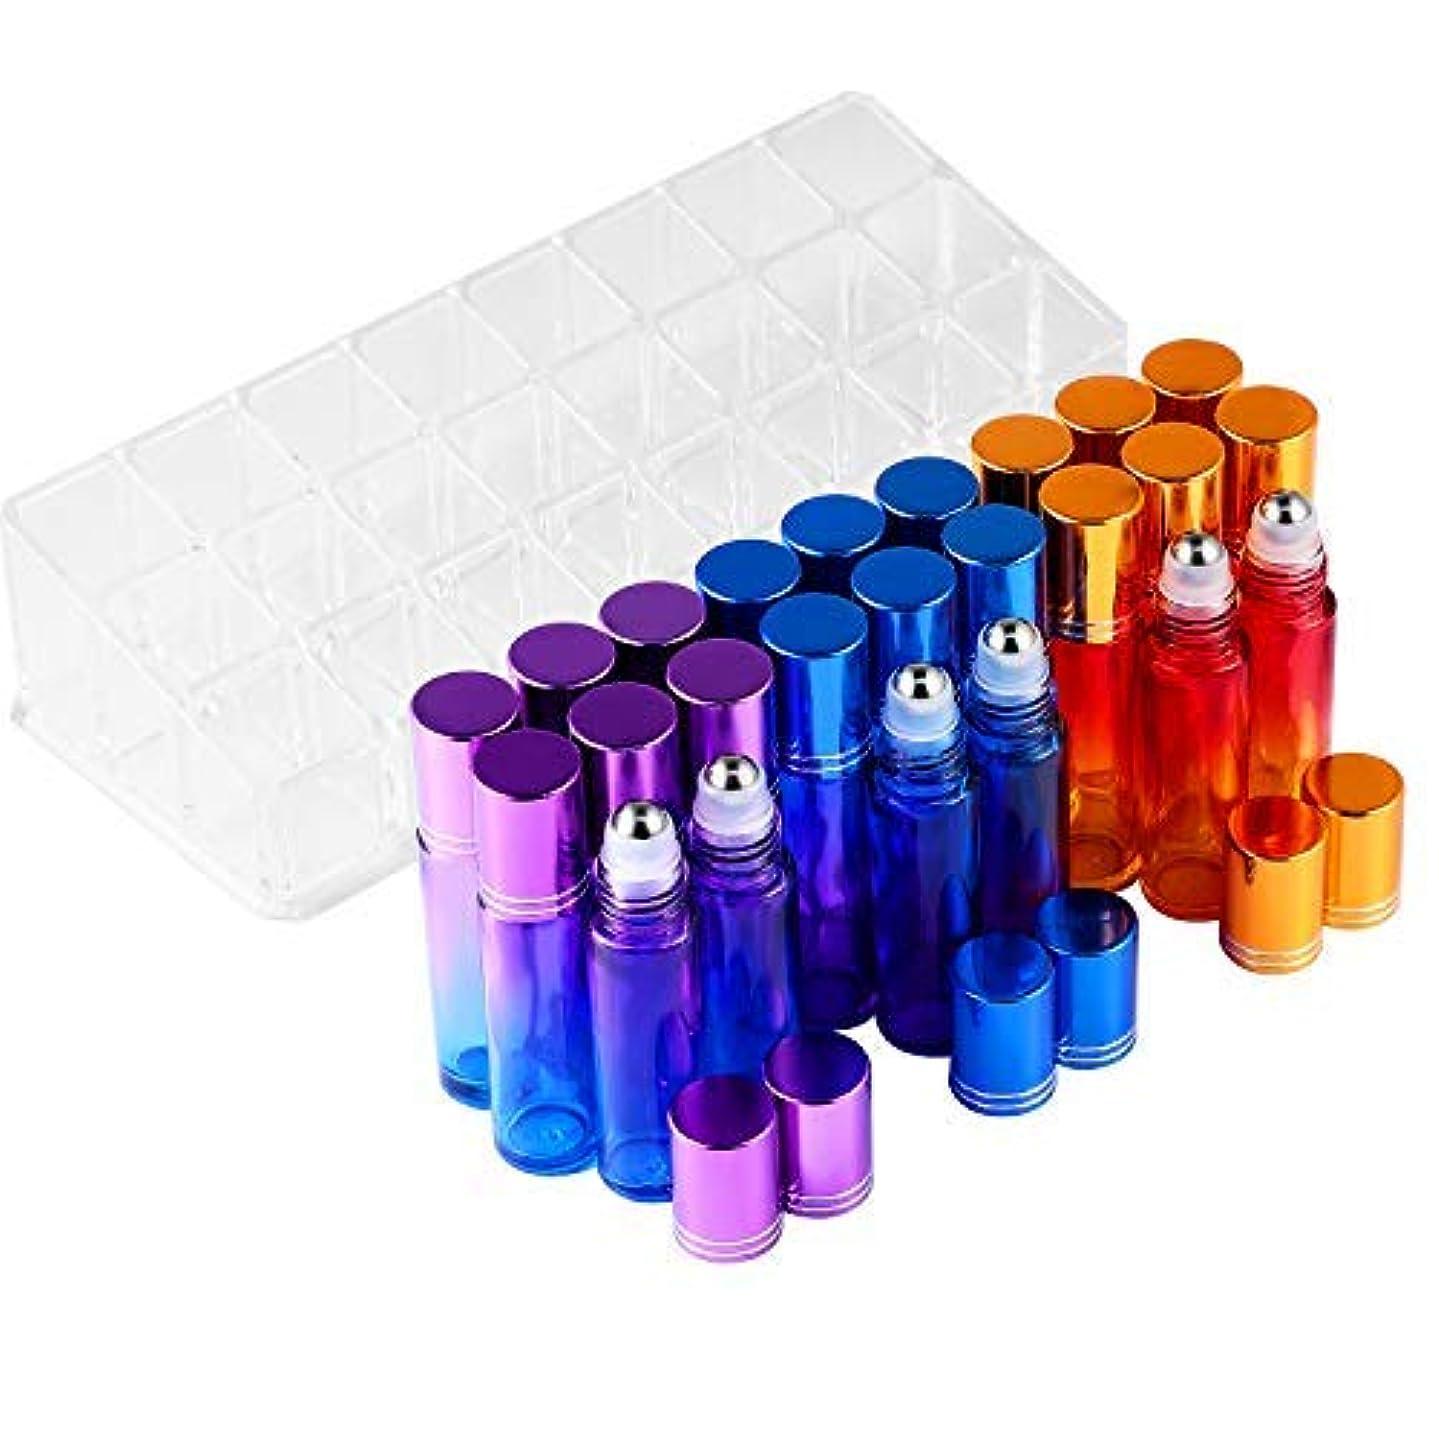 慢なレクリエーション錫Essential Oil Roller Bottles - BEATTYCARE 10ml Refillable Glass Roller Bottle for Essential Oils 24 Pack With...